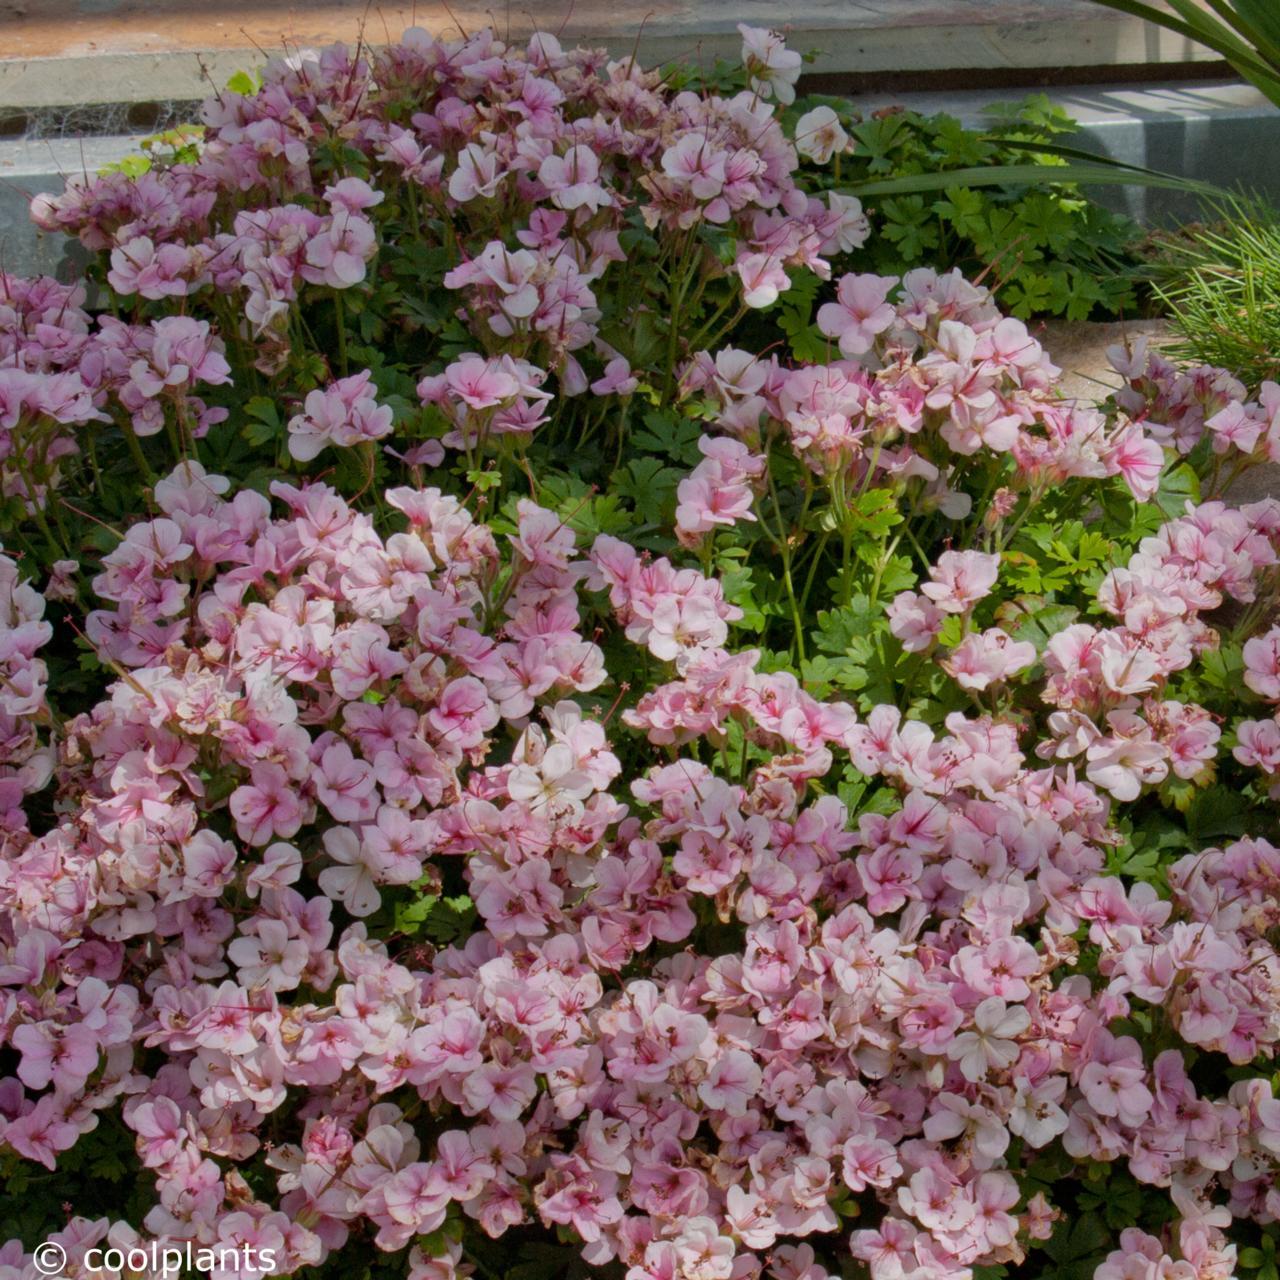 Geranium dalmaticum 'Bridal Bouquet' plant